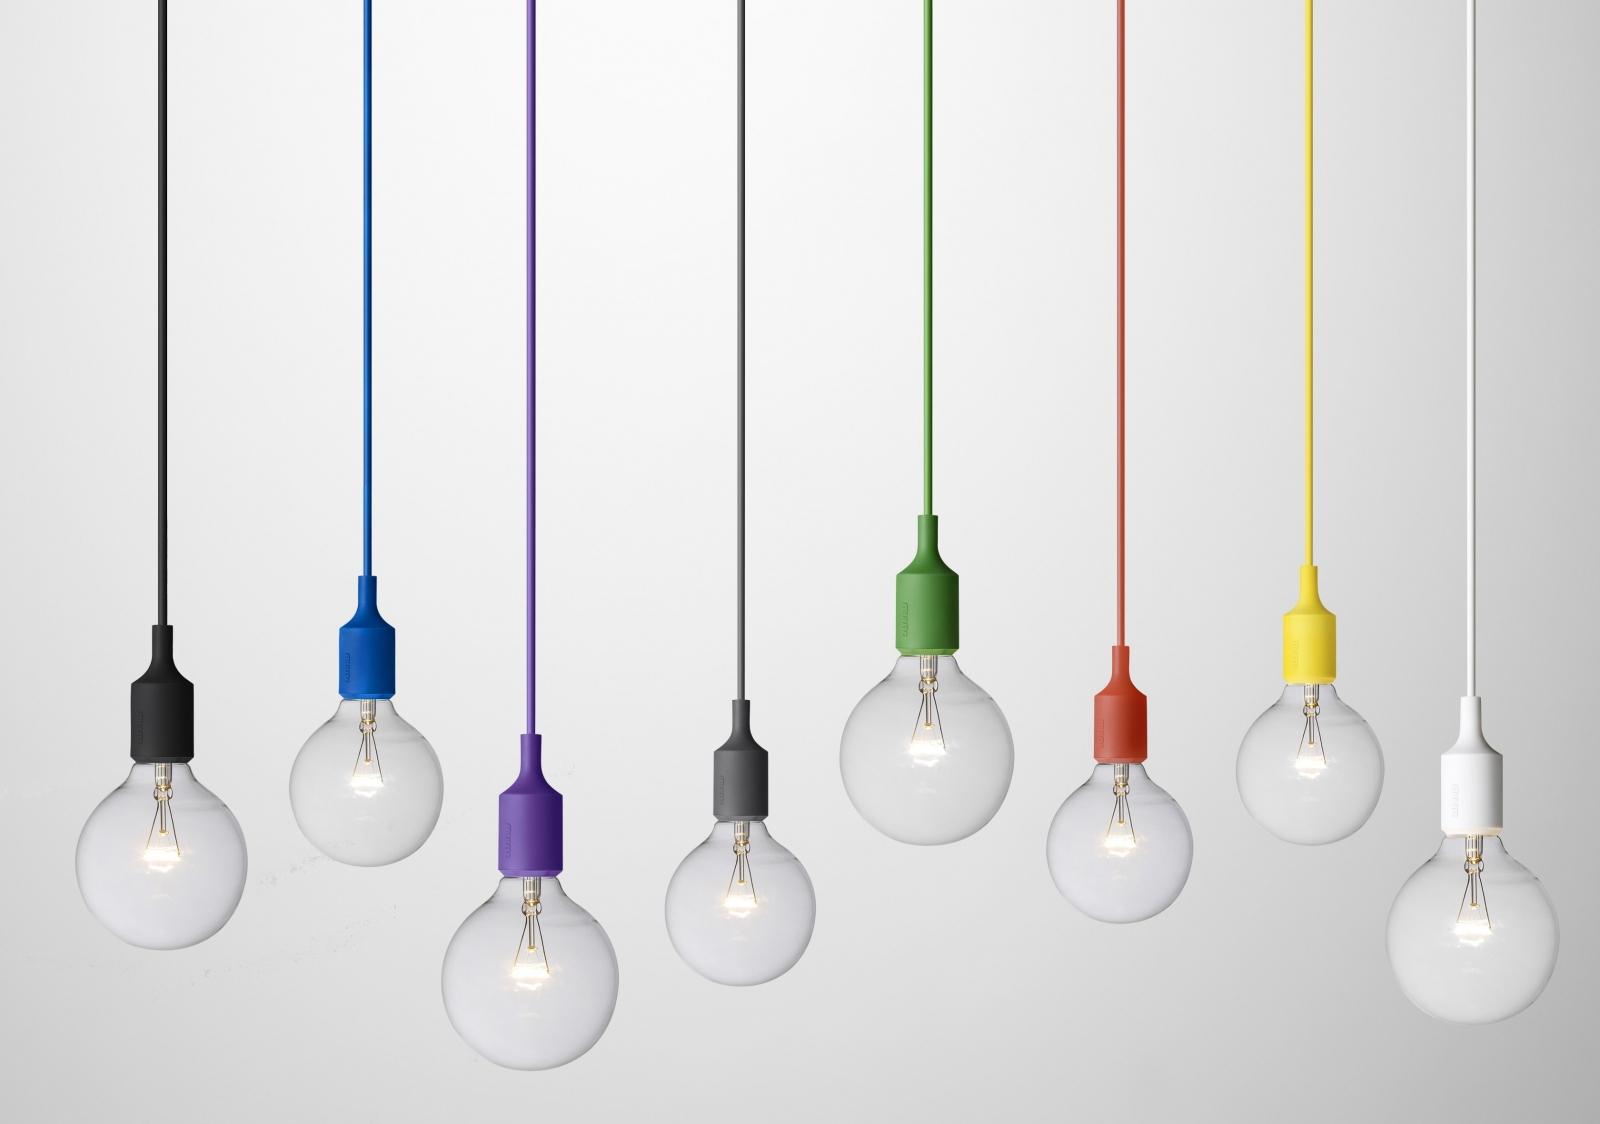 muuto e27 hanglamp uitvoeringen en prijzen. Black Bedroom Furniture Sets. Home Design Ideas